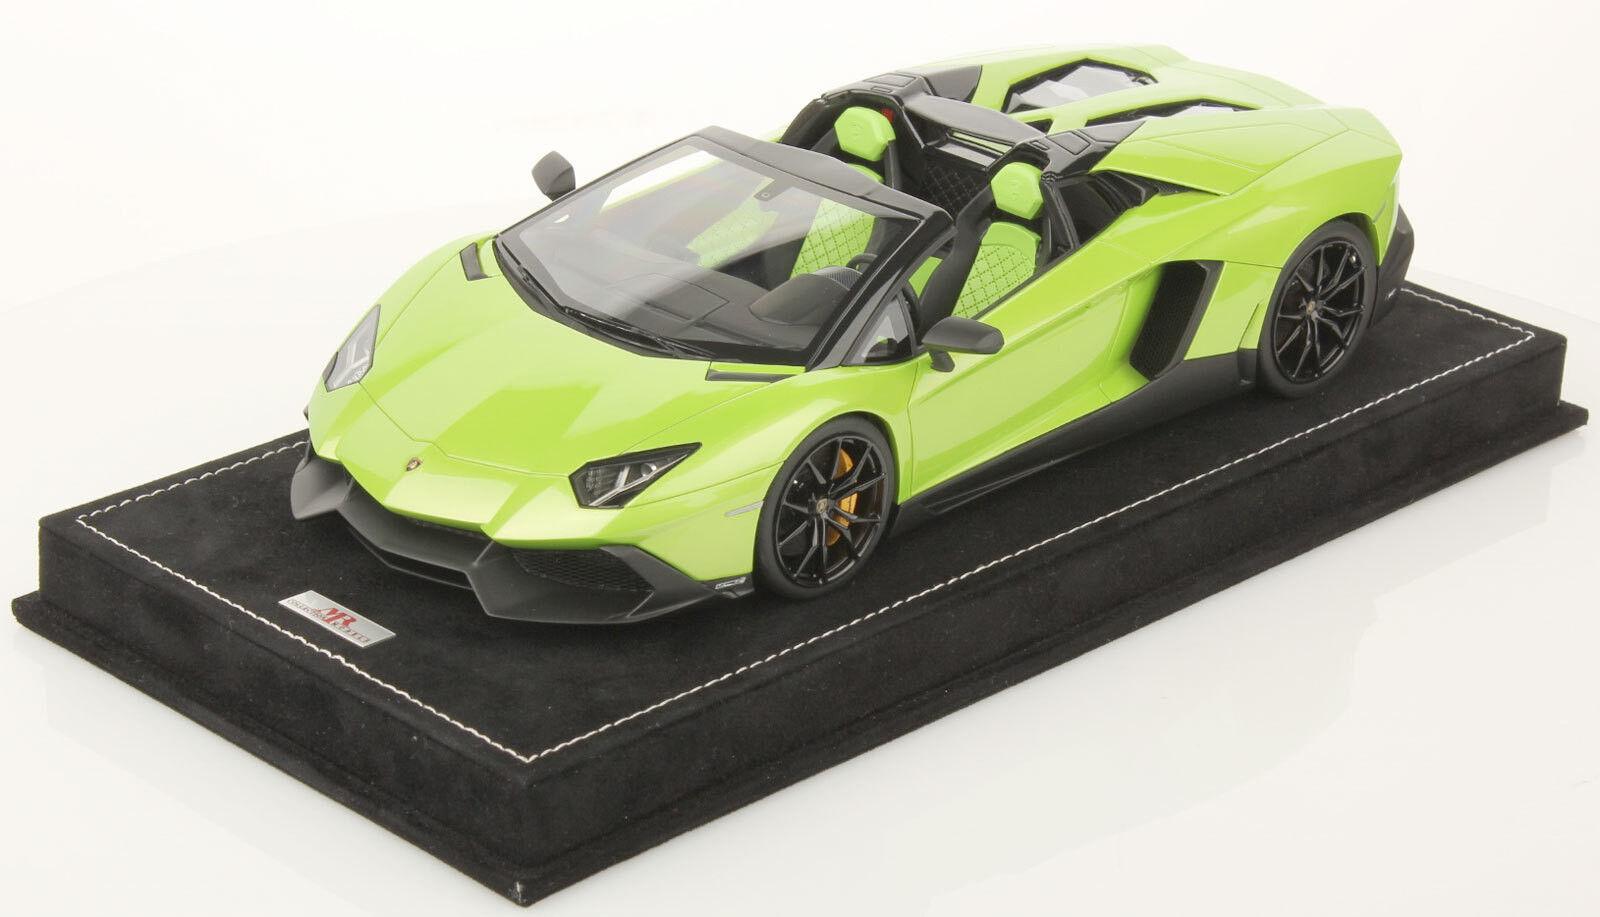 Mejor precio El señor señor señor Lamborghini Aventador LP720-4 Roadster Colección 1 18 50TH Aniv Lambo 014B  gran selección y entrega rápida